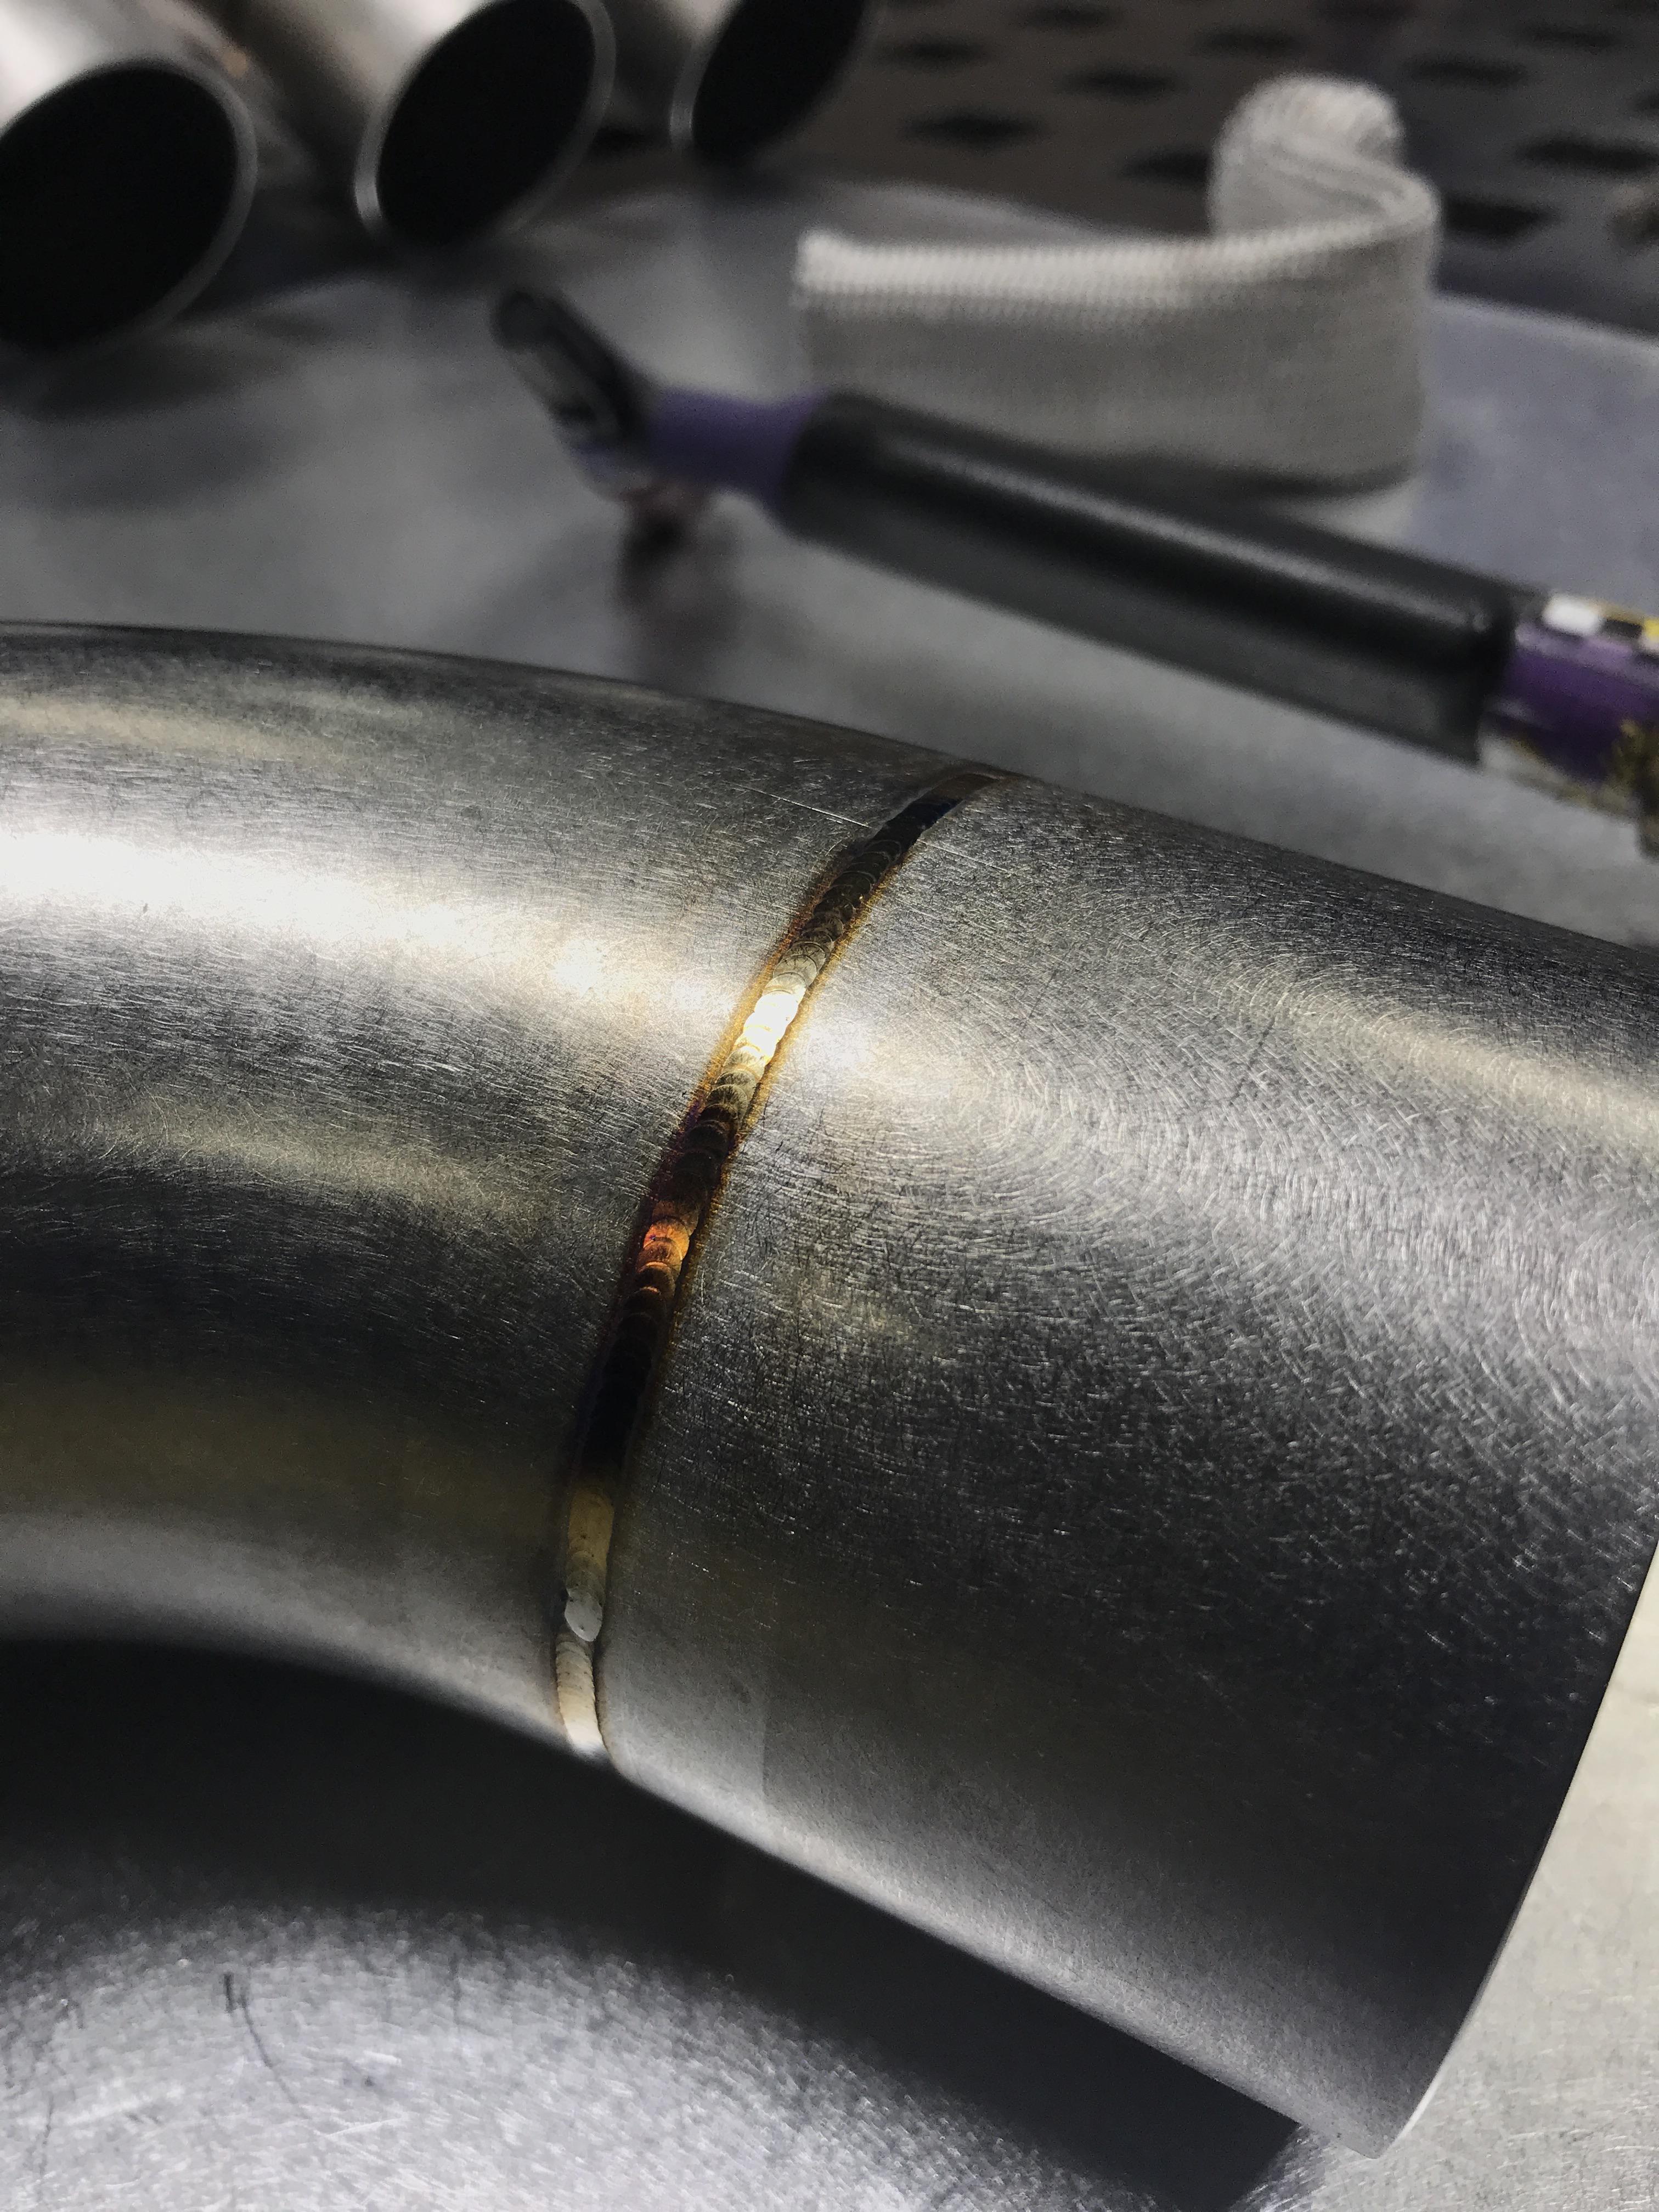 exhaust work this weekend welding